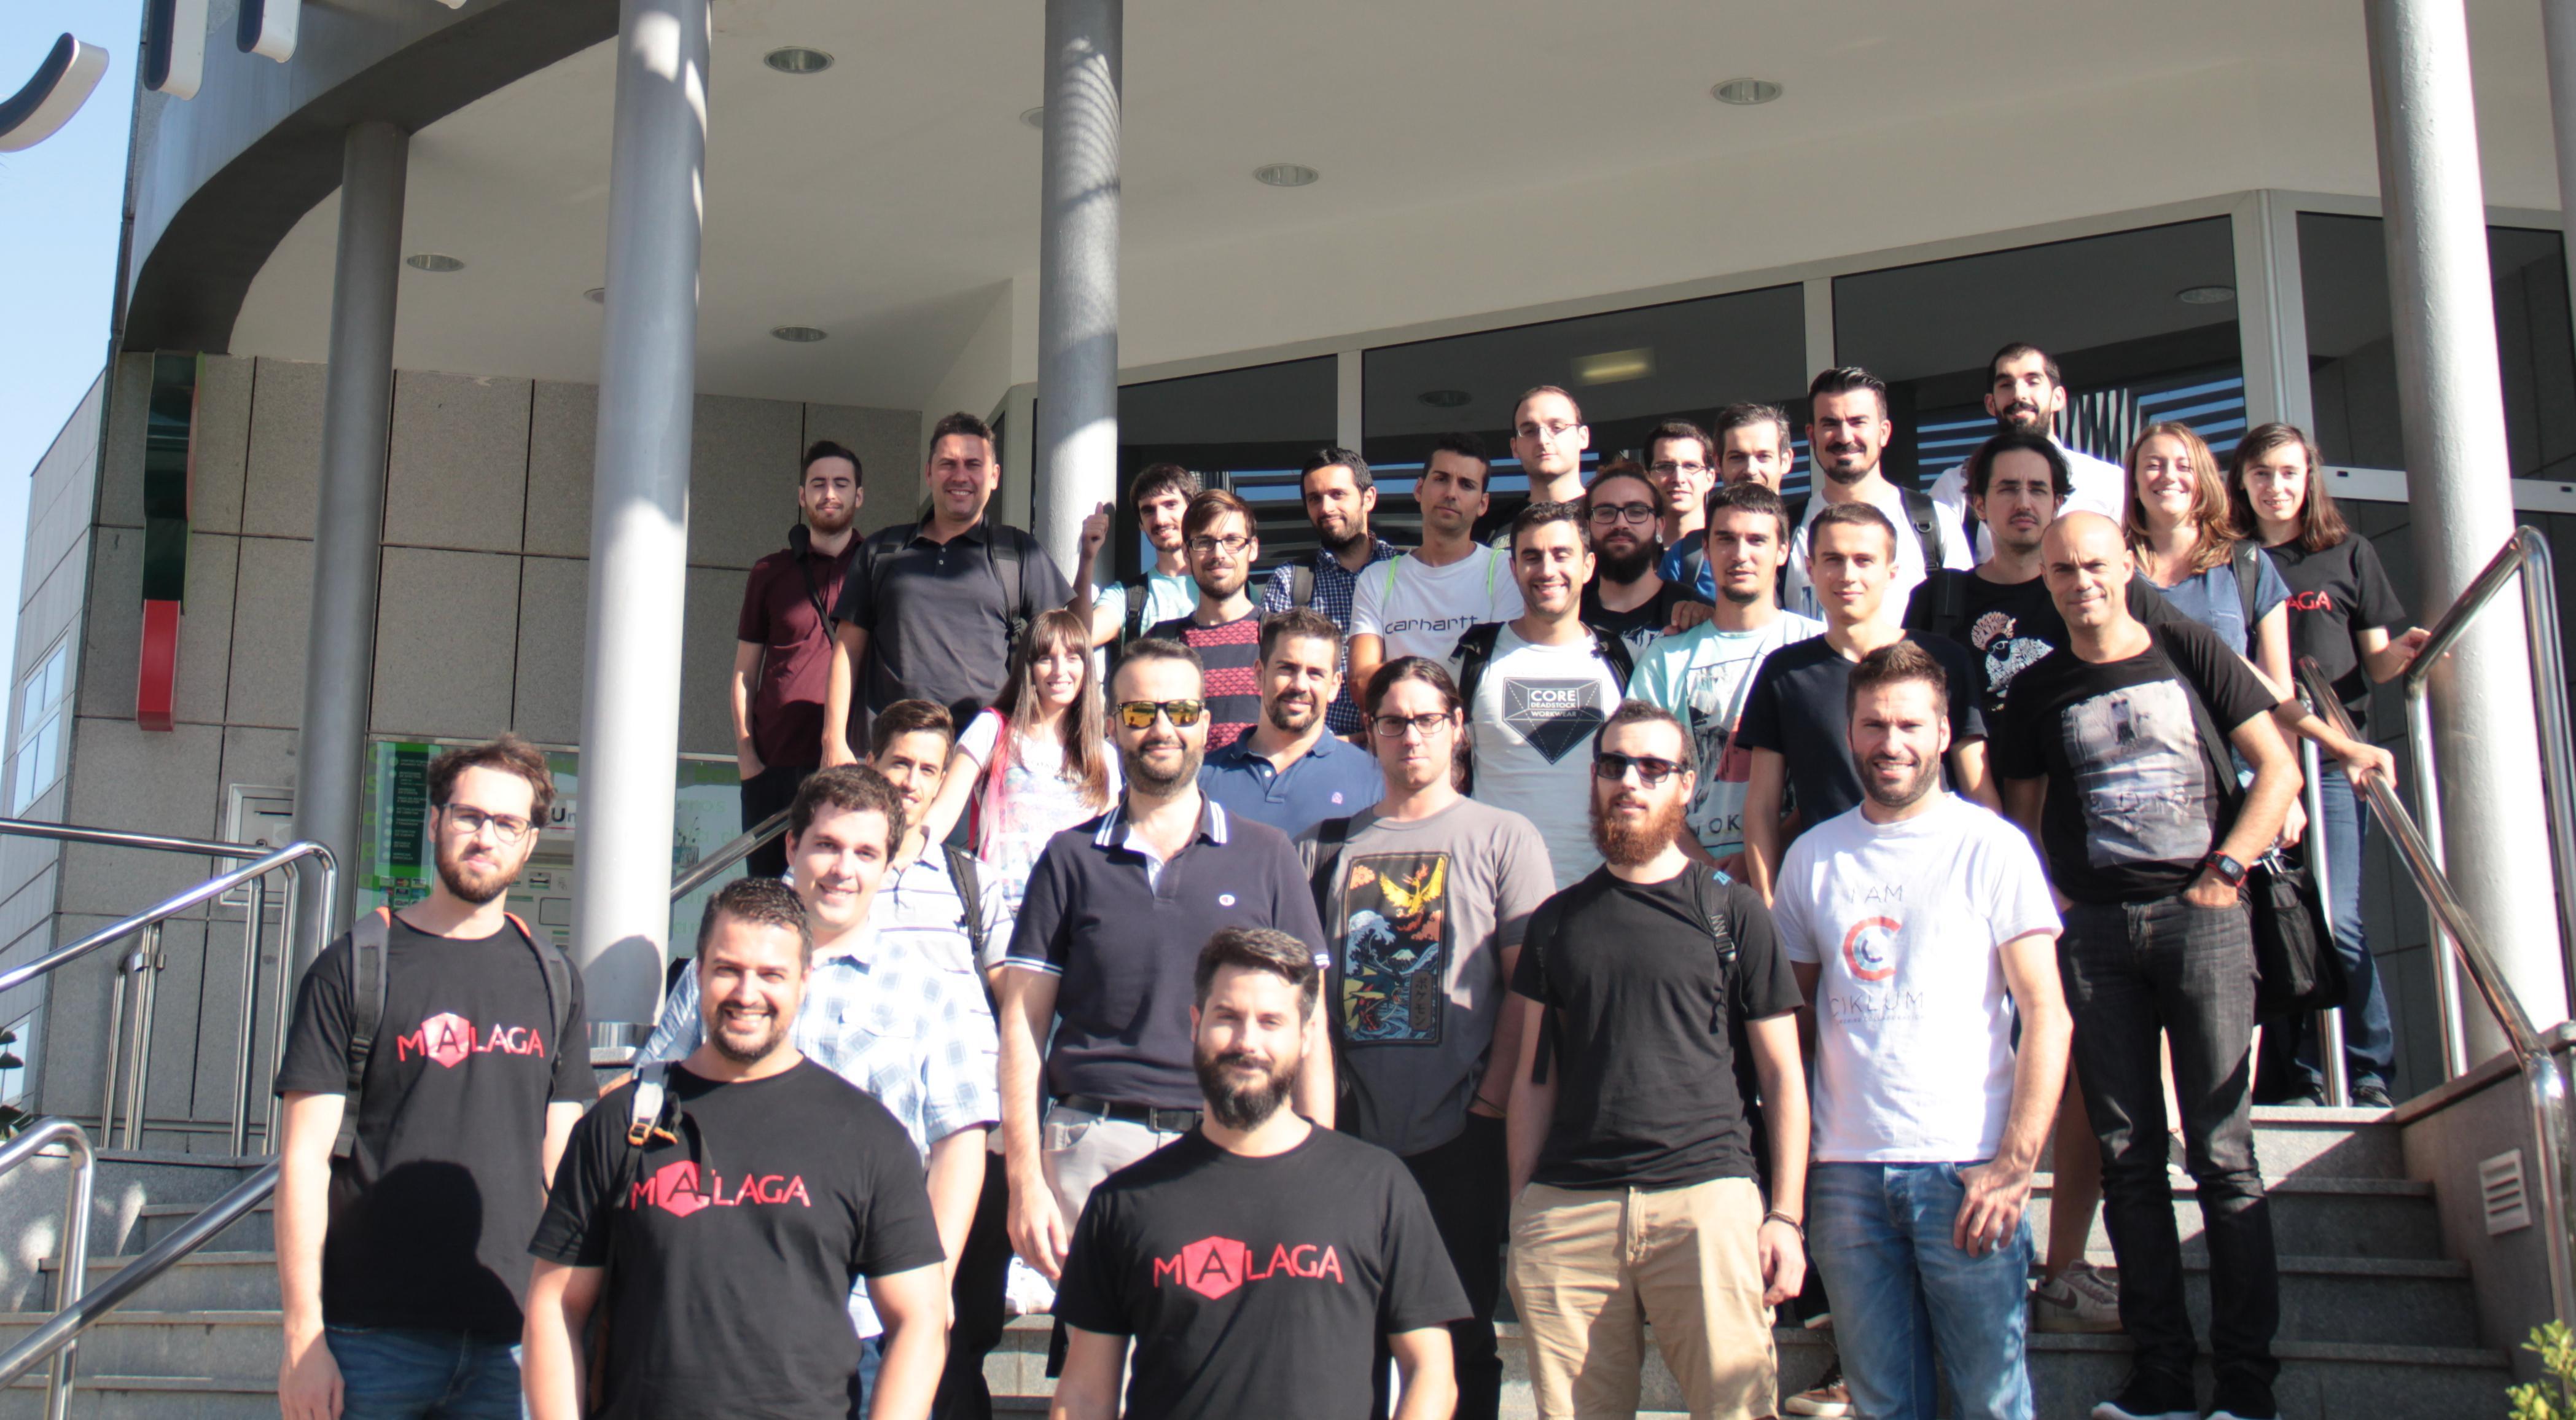 Espiral, con sede en el BIC Euronova, organiza un evento para programadores